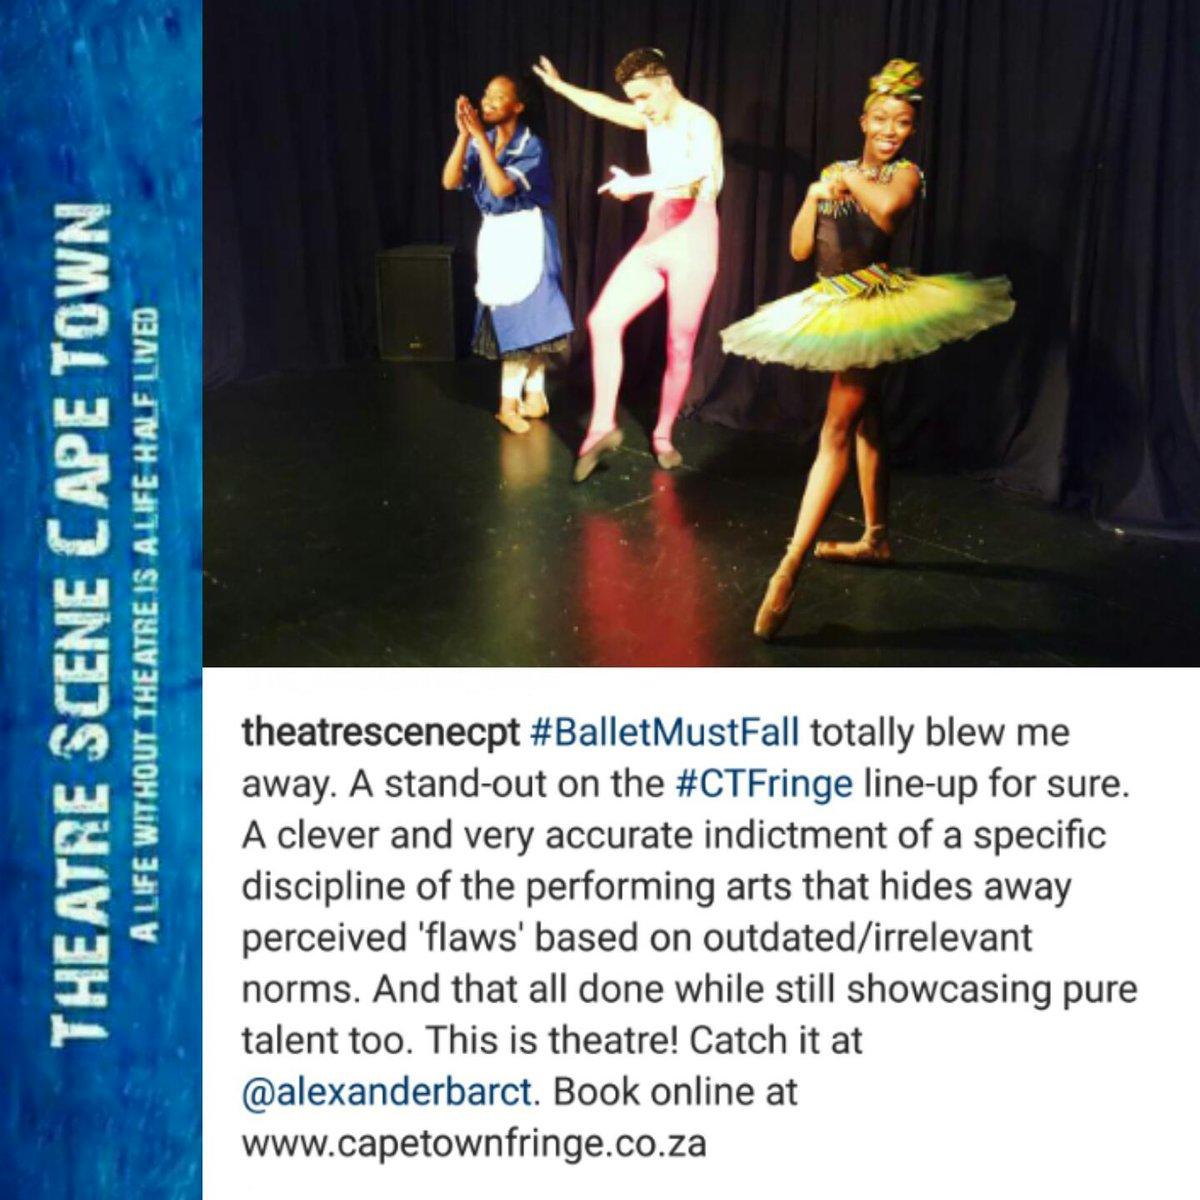 balletmustfall hashtag on Twitter